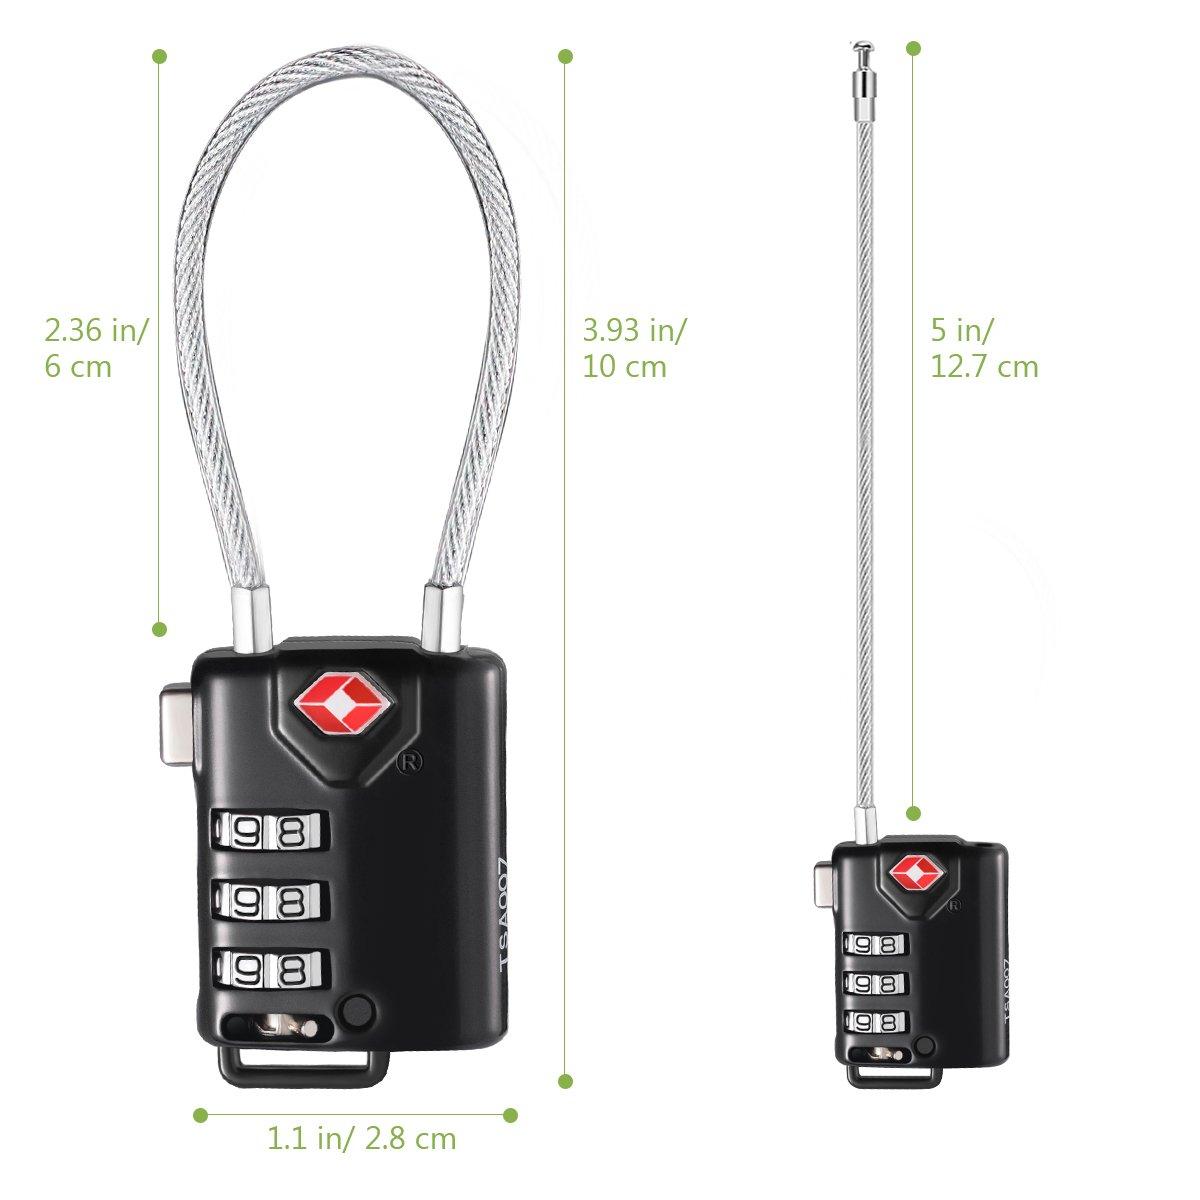 KeeKit TSA Approved Luggage Locks, 3 Digit Combination Lock, TSA Luggage Lock, Cable Lock for Travel, Suitcase, Baggage & Backpack, Gym Locker (Black, 2 Pack) by KeeKit (Image #6)